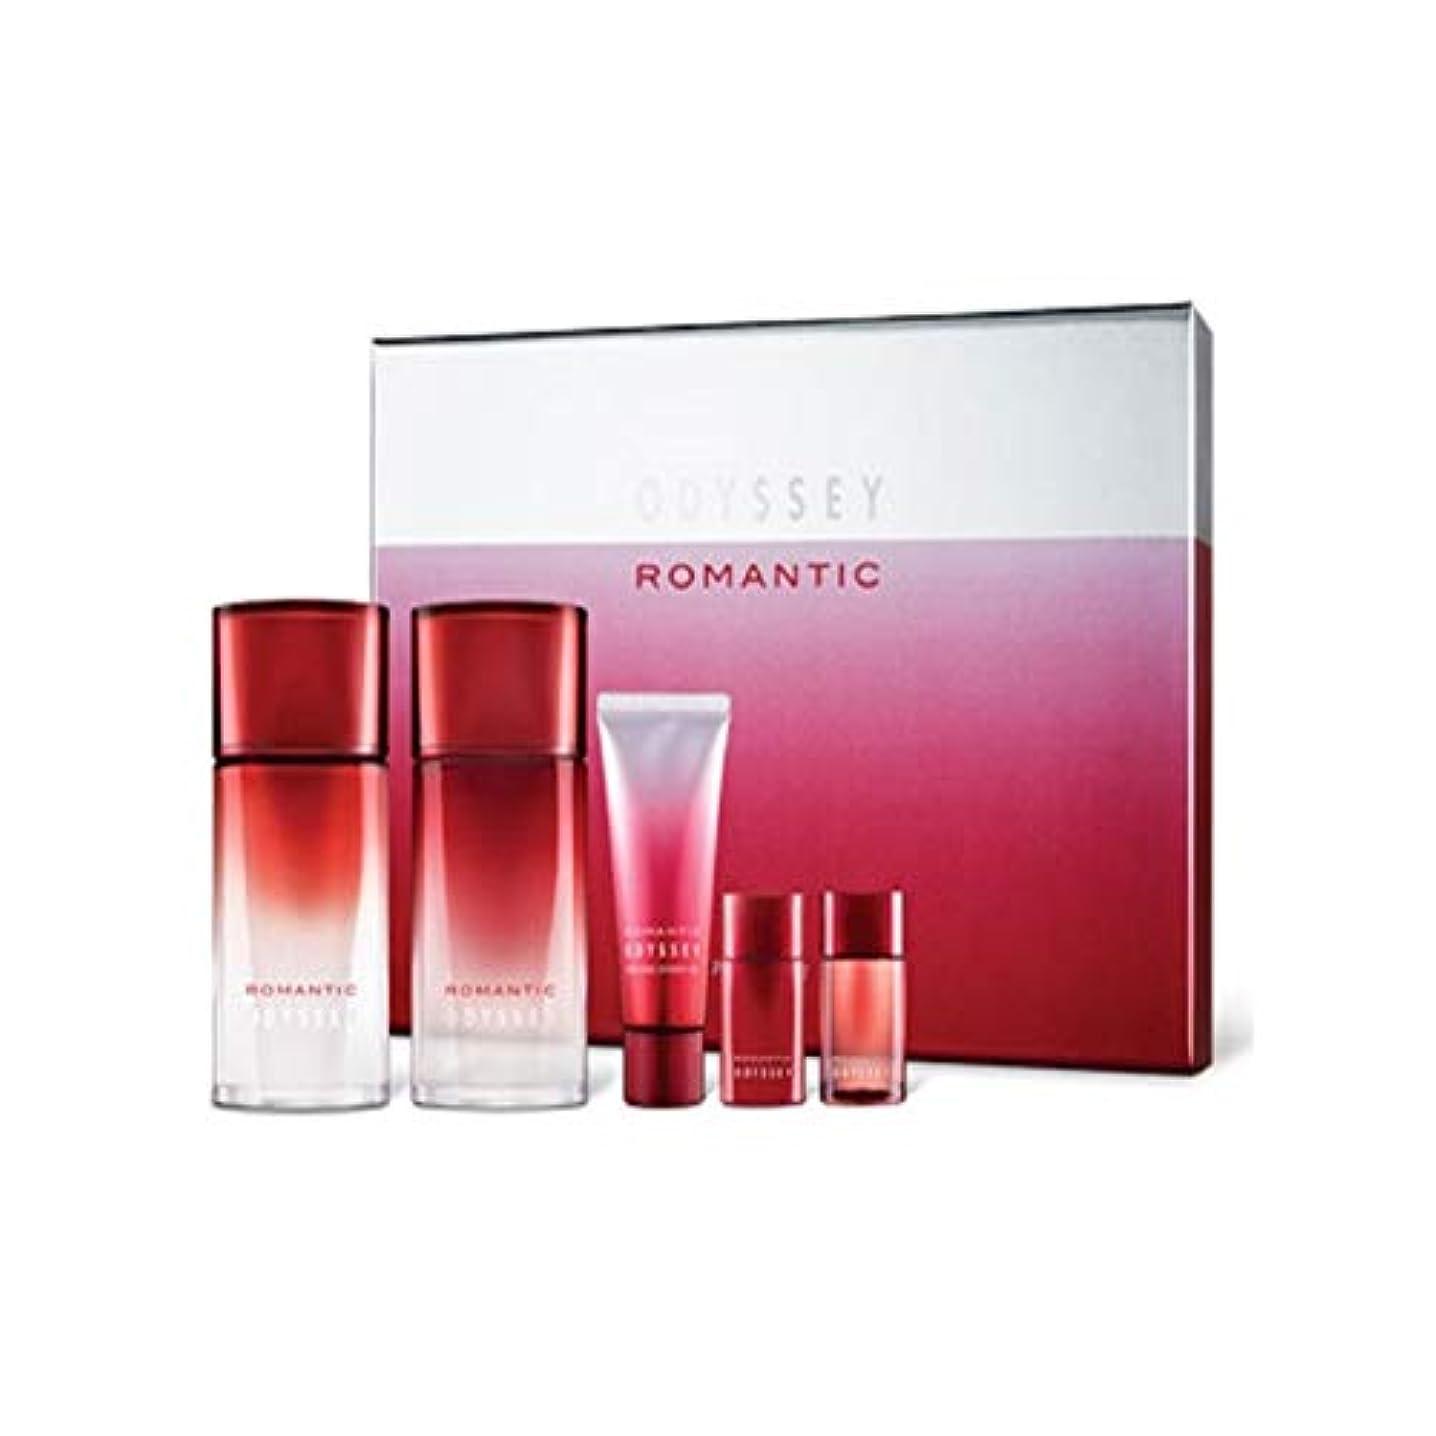 胚ファンタジー一瞬オデッセイロマンチックスキンリファイナーローションセットメンズコスメ韓国コスメ、Odyssey Romantic Skin Refiner Lotion Set Men's Cosmetics Korean Cosmetics...